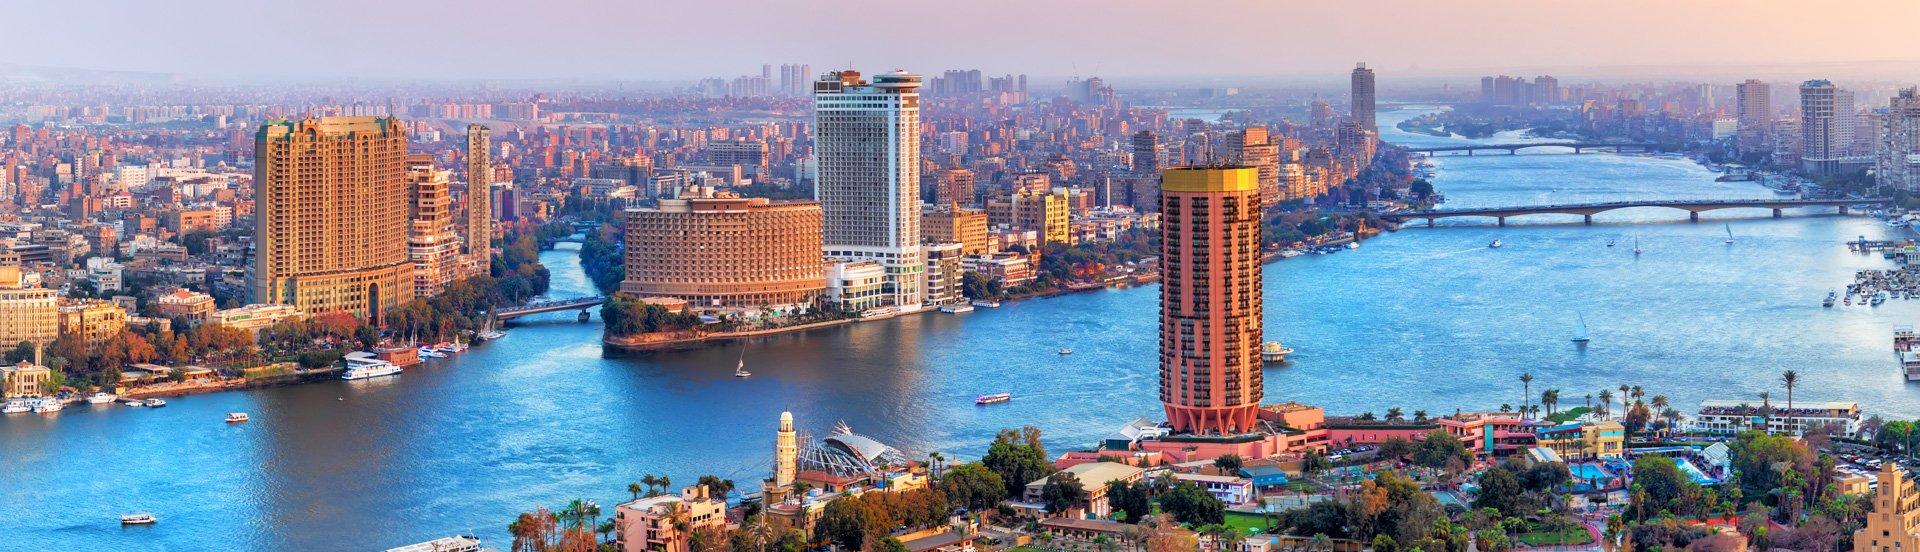 kingsmill Egypt